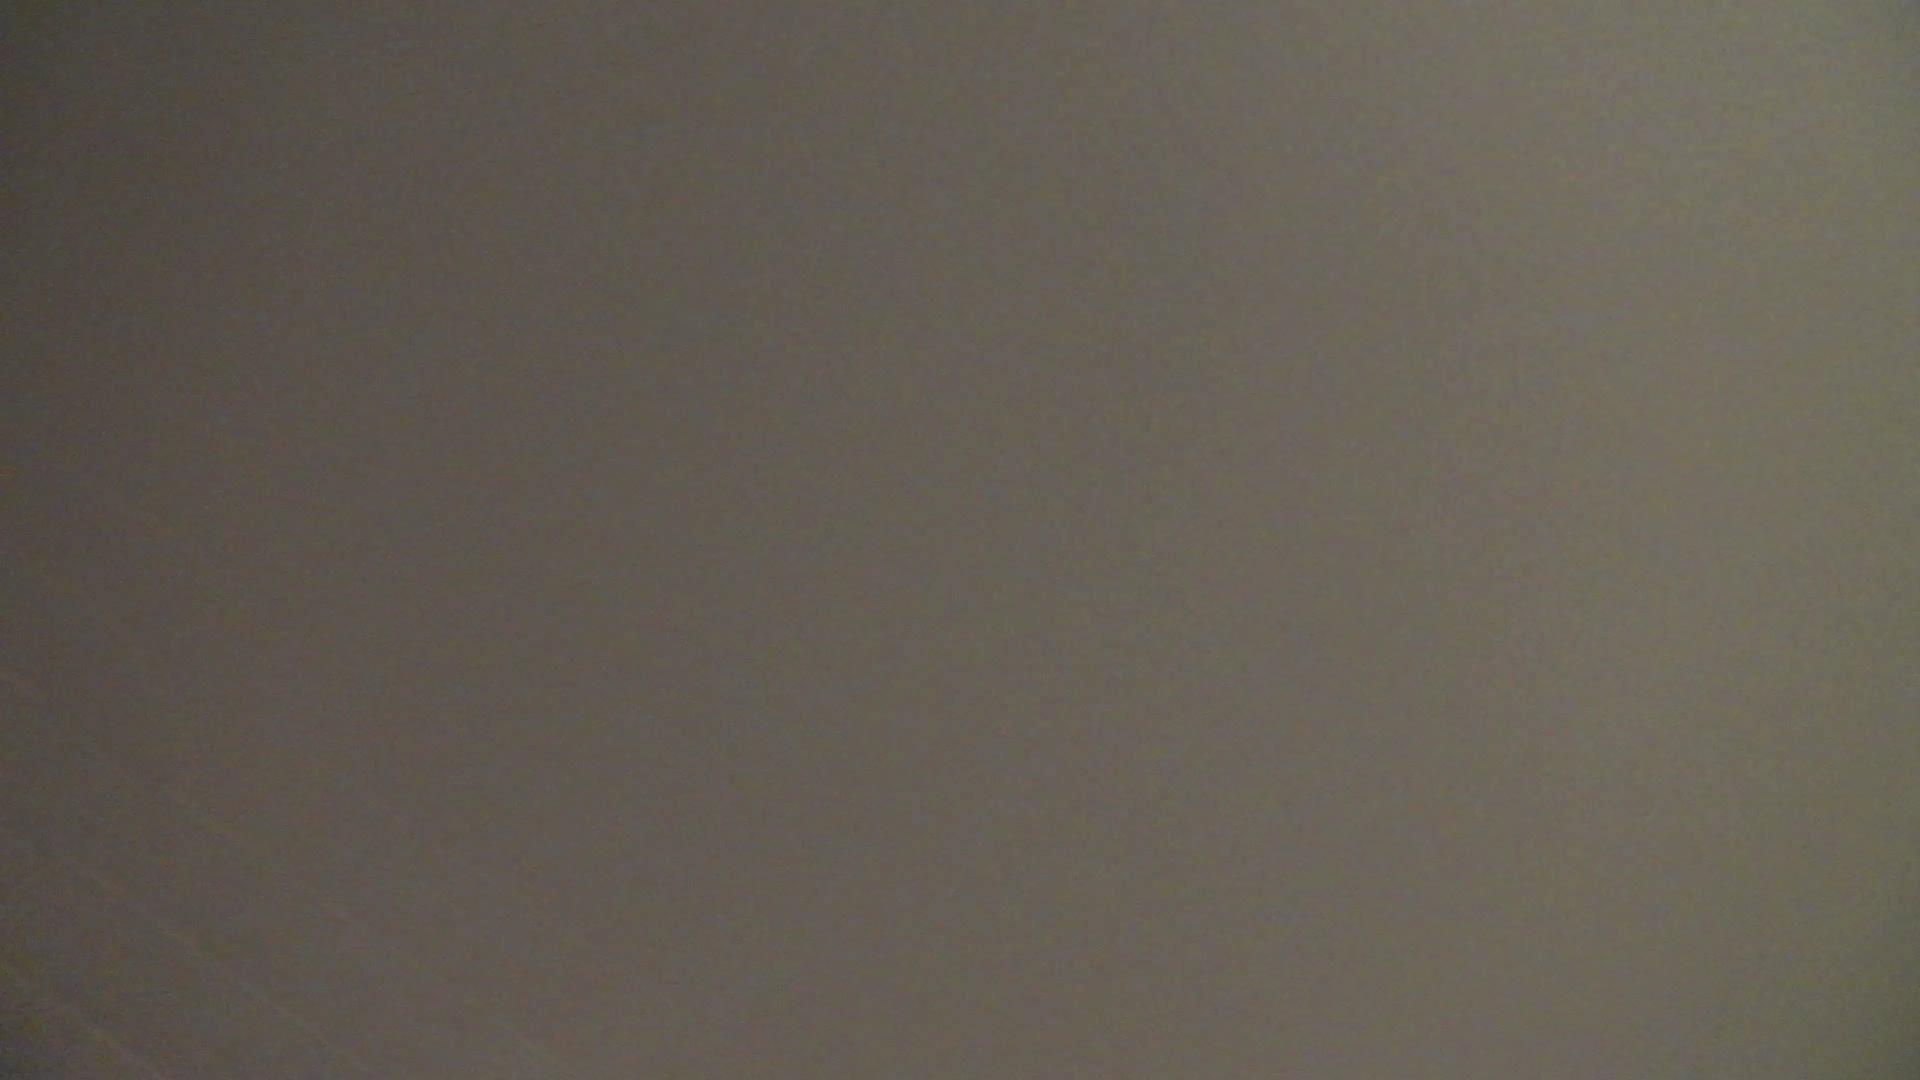 美しい日本の未来 No.02 番外編※注意※好き嫌いはわかれる所です。 ギャルの実態 盗撮オマンコ無修正動画無料 100pic 35